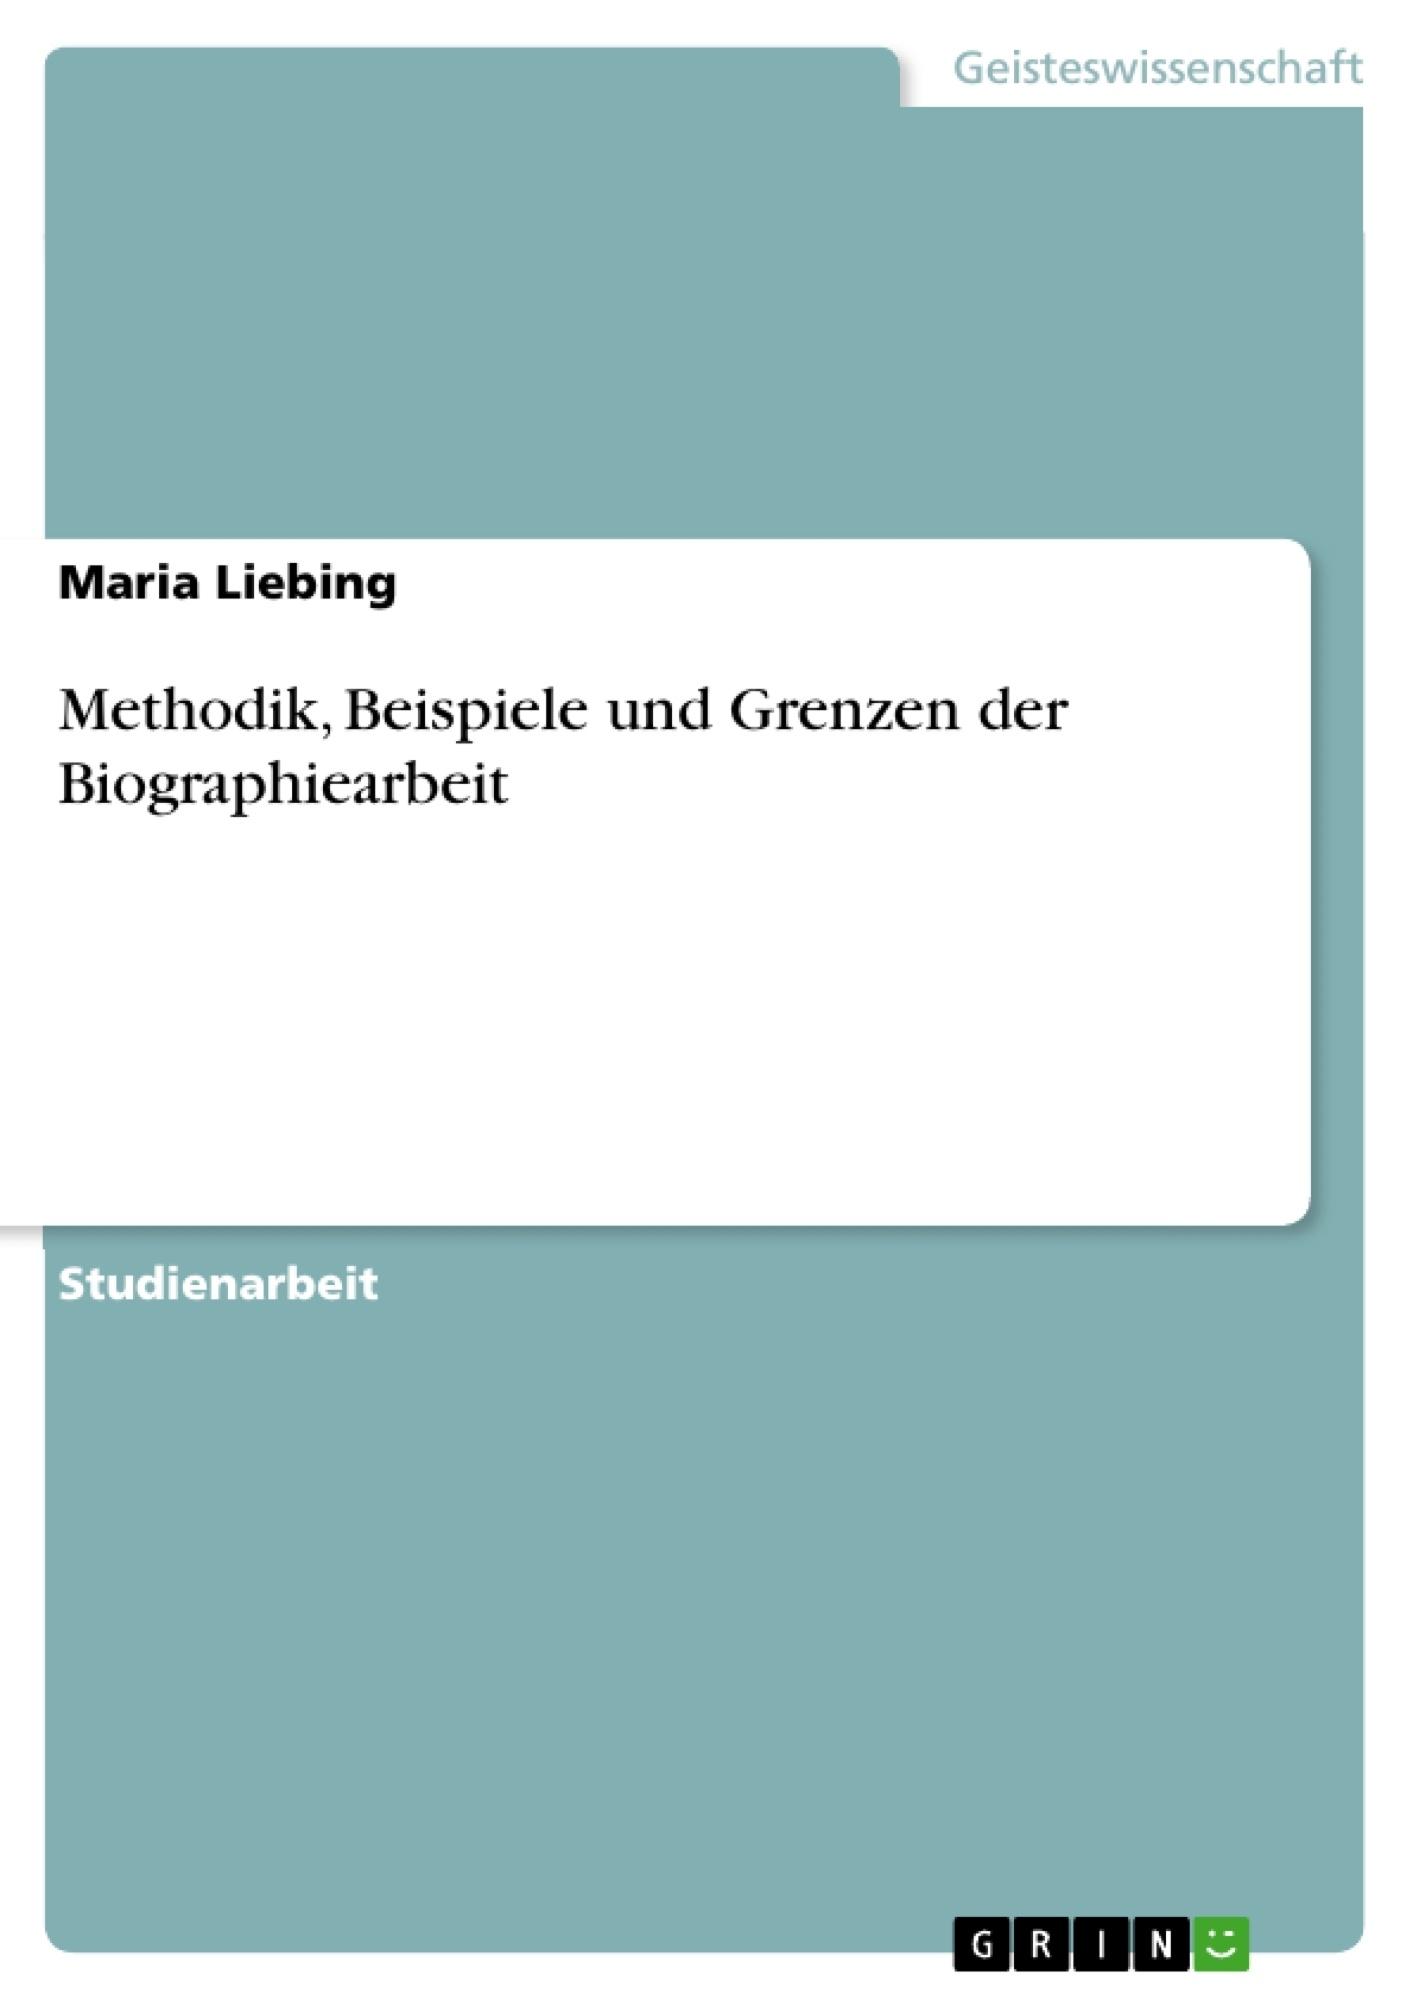 Titel: Methodik, Beispiele und Grenzen der Biographiearbeit